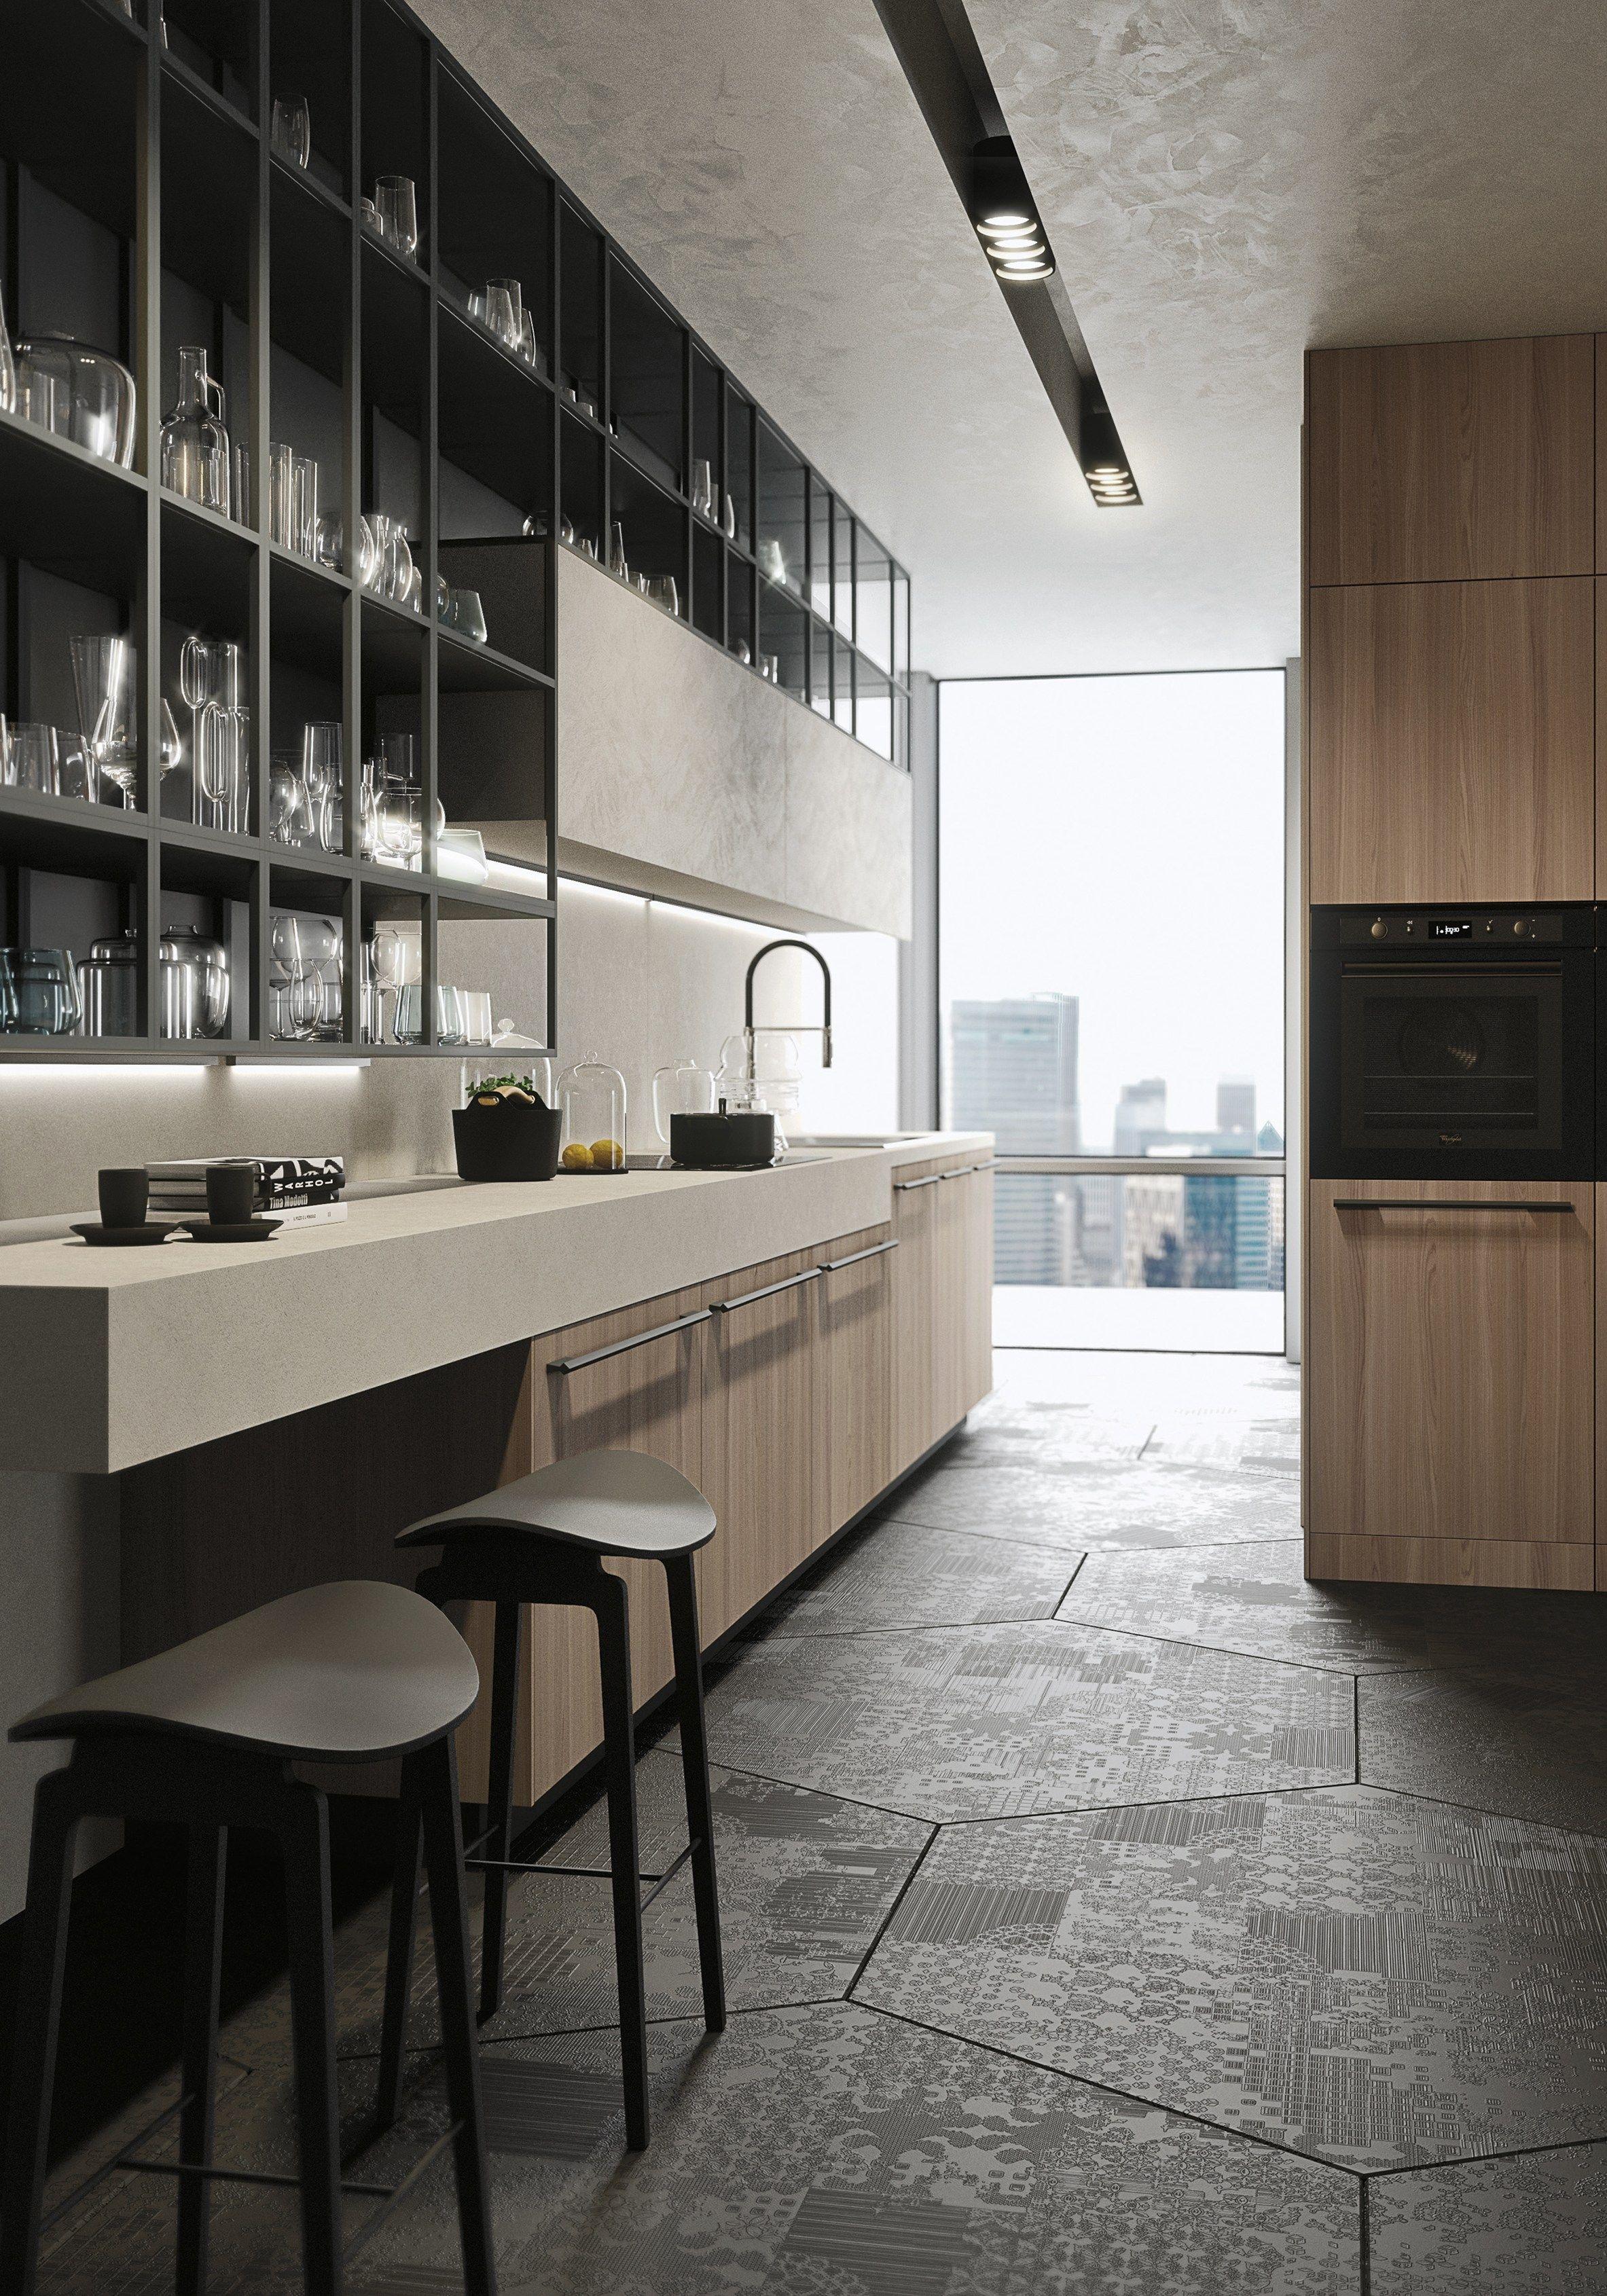 Cocina integral lineal con tiradores opera cocina lineal - Tiradores de cocina modernos ...